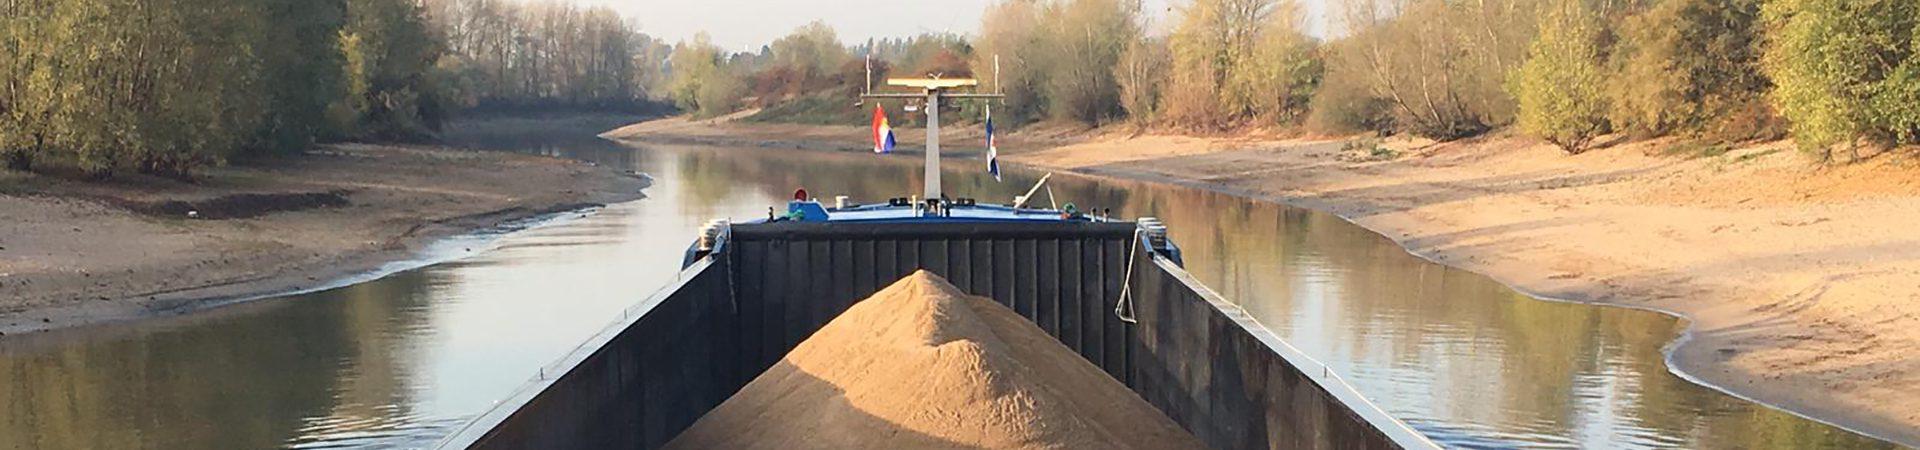 Hoekstra Binnenvaart - Laagwater 2018